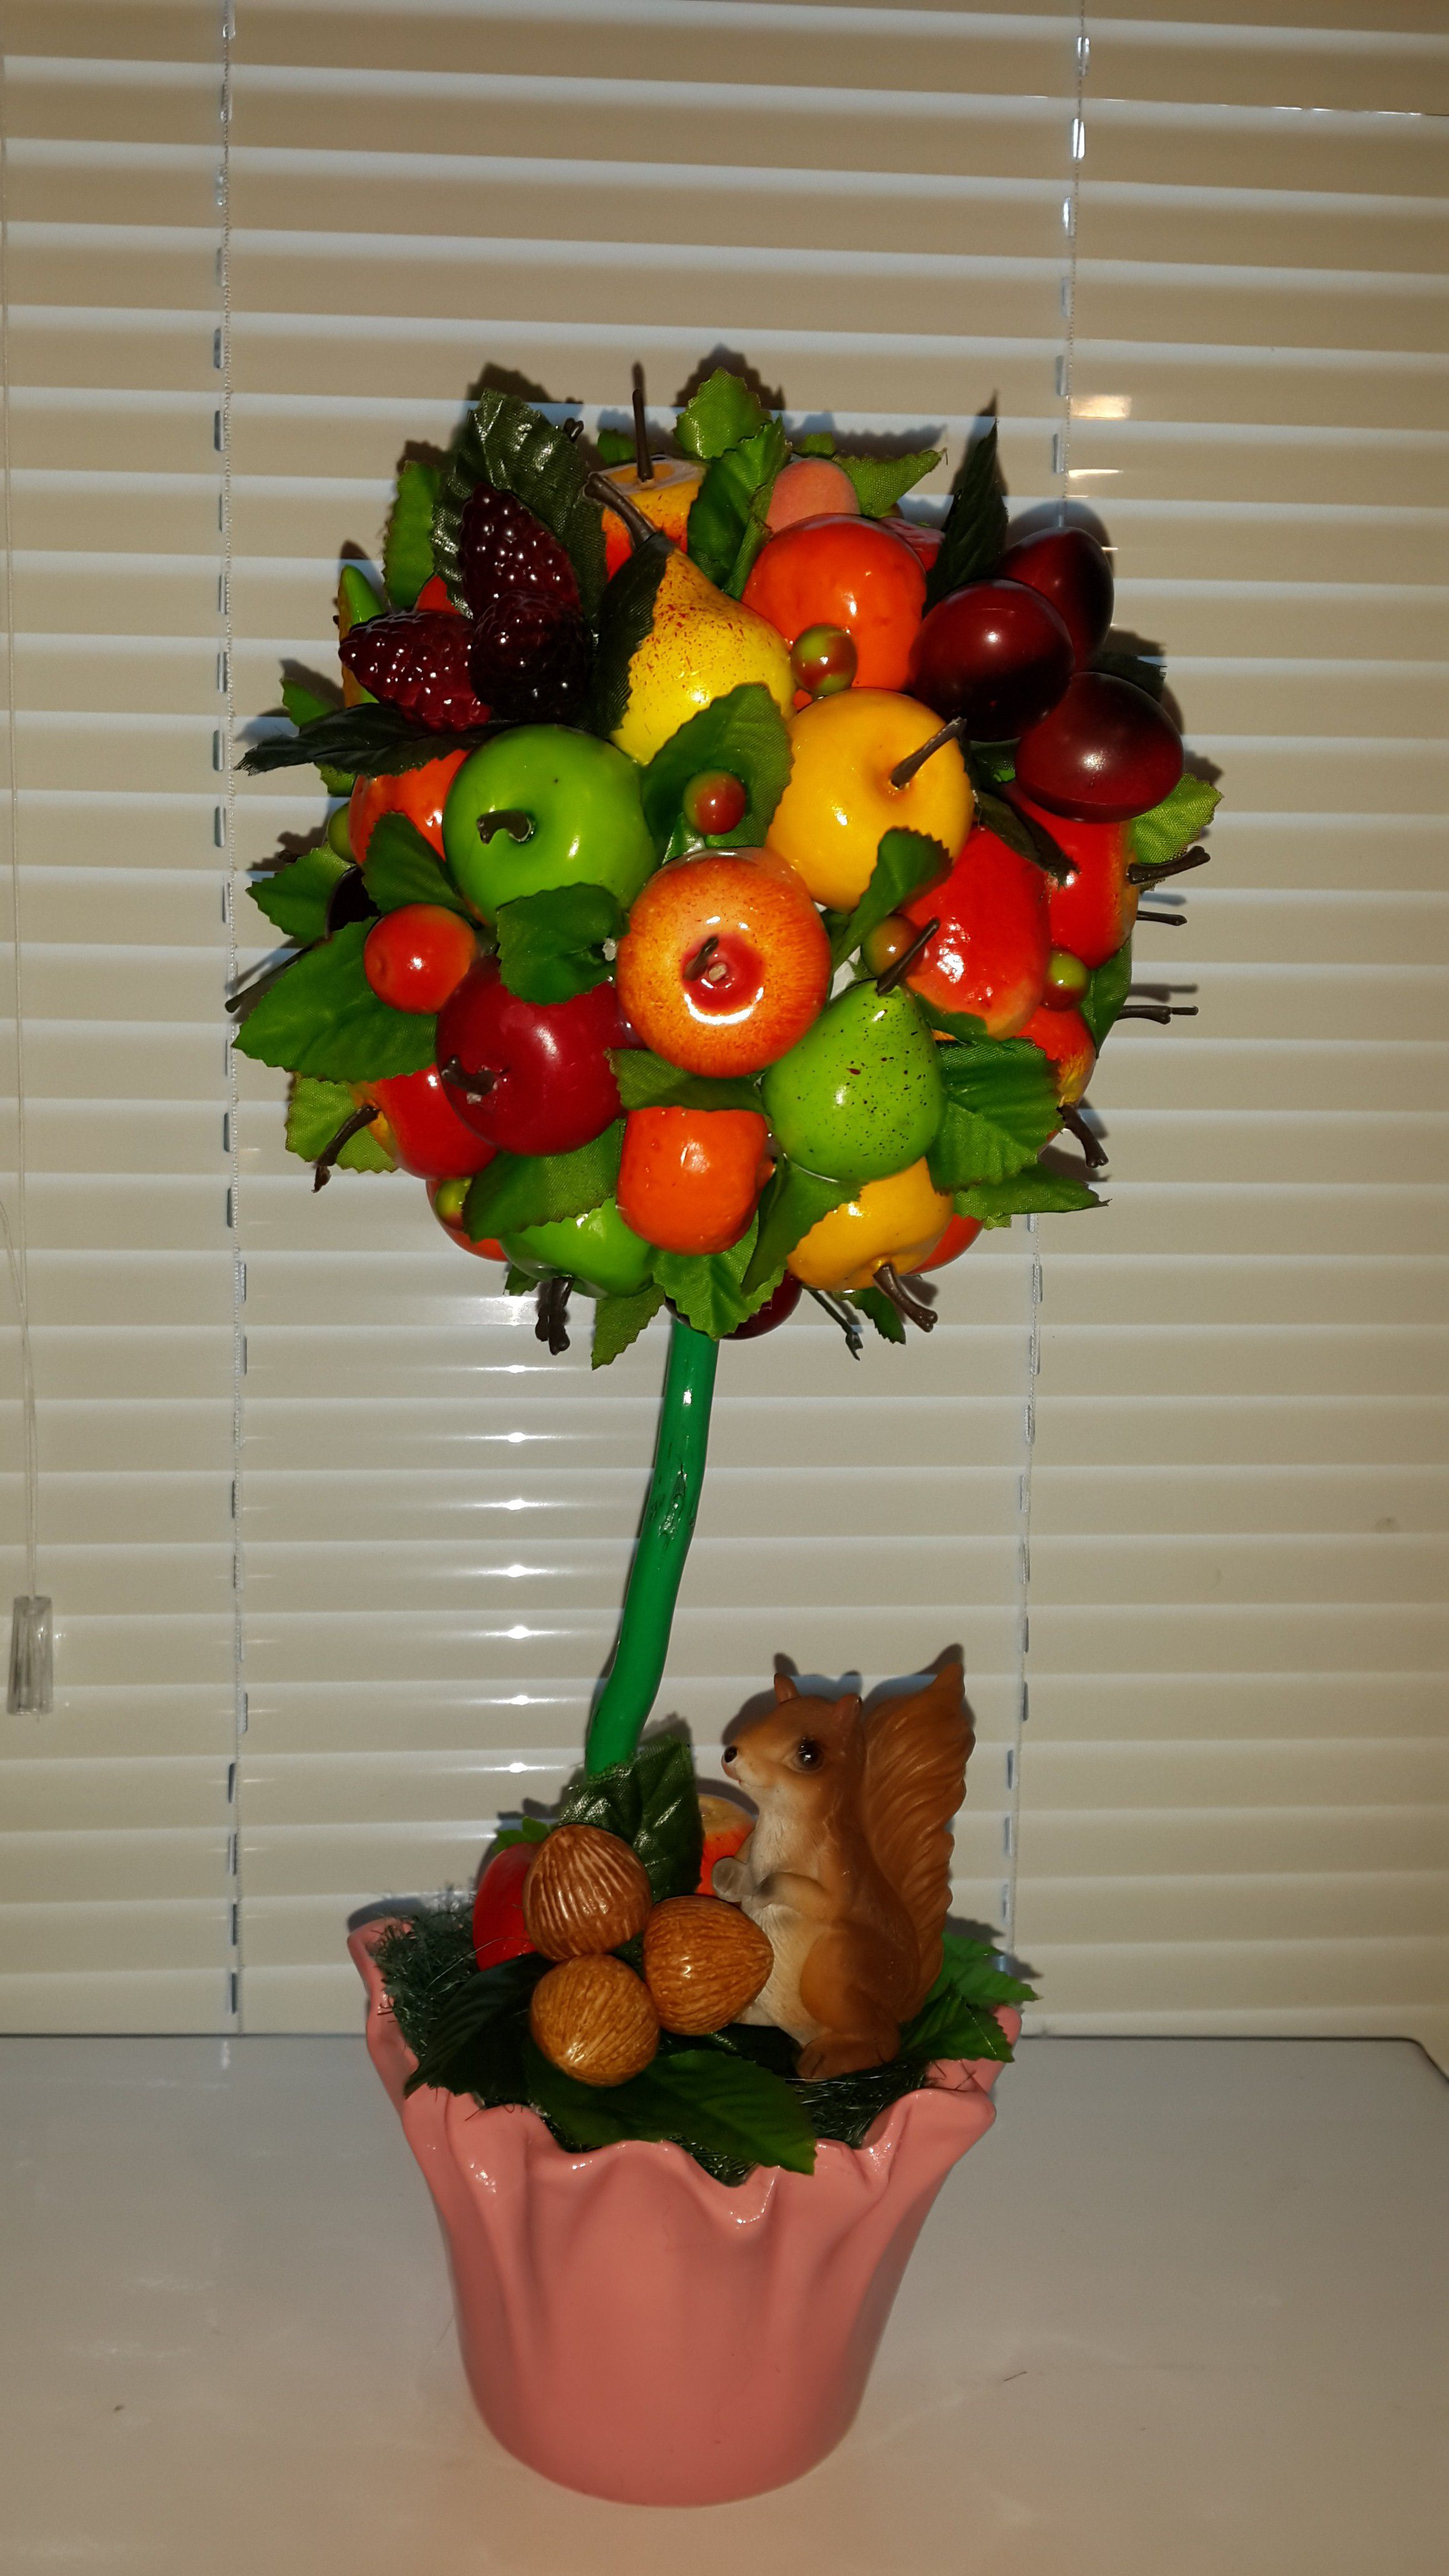 повозка ротанг фрукты ручная праздник топиарий работа велосипед оригинальный подарок